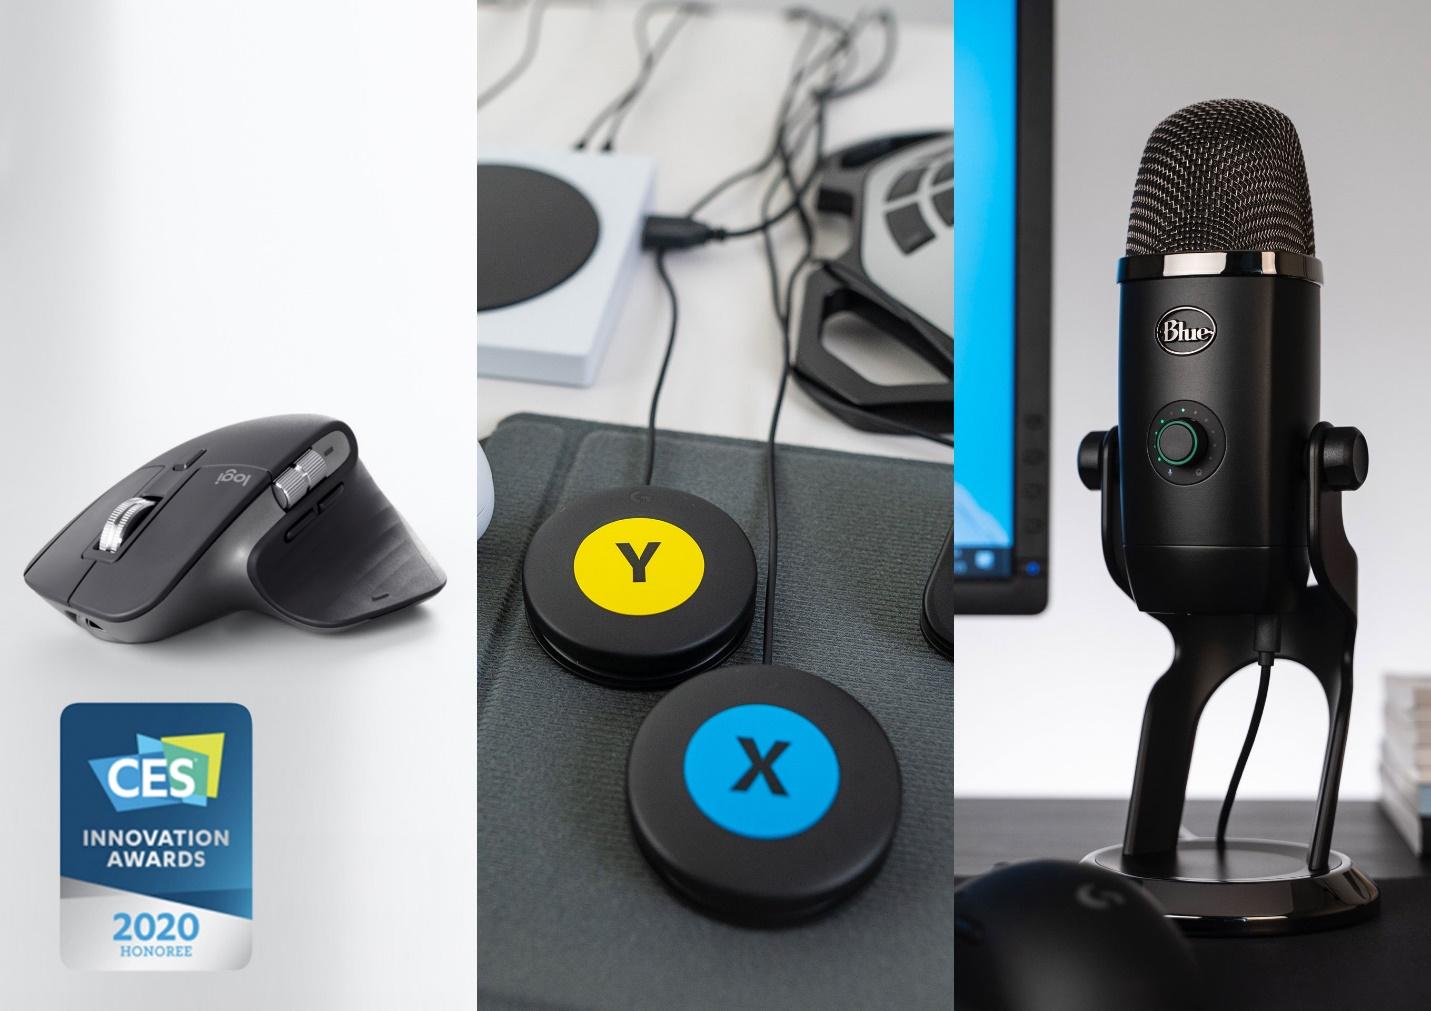 不止于新,罗技三款产品再度斩获2020 CES创新设计大奖